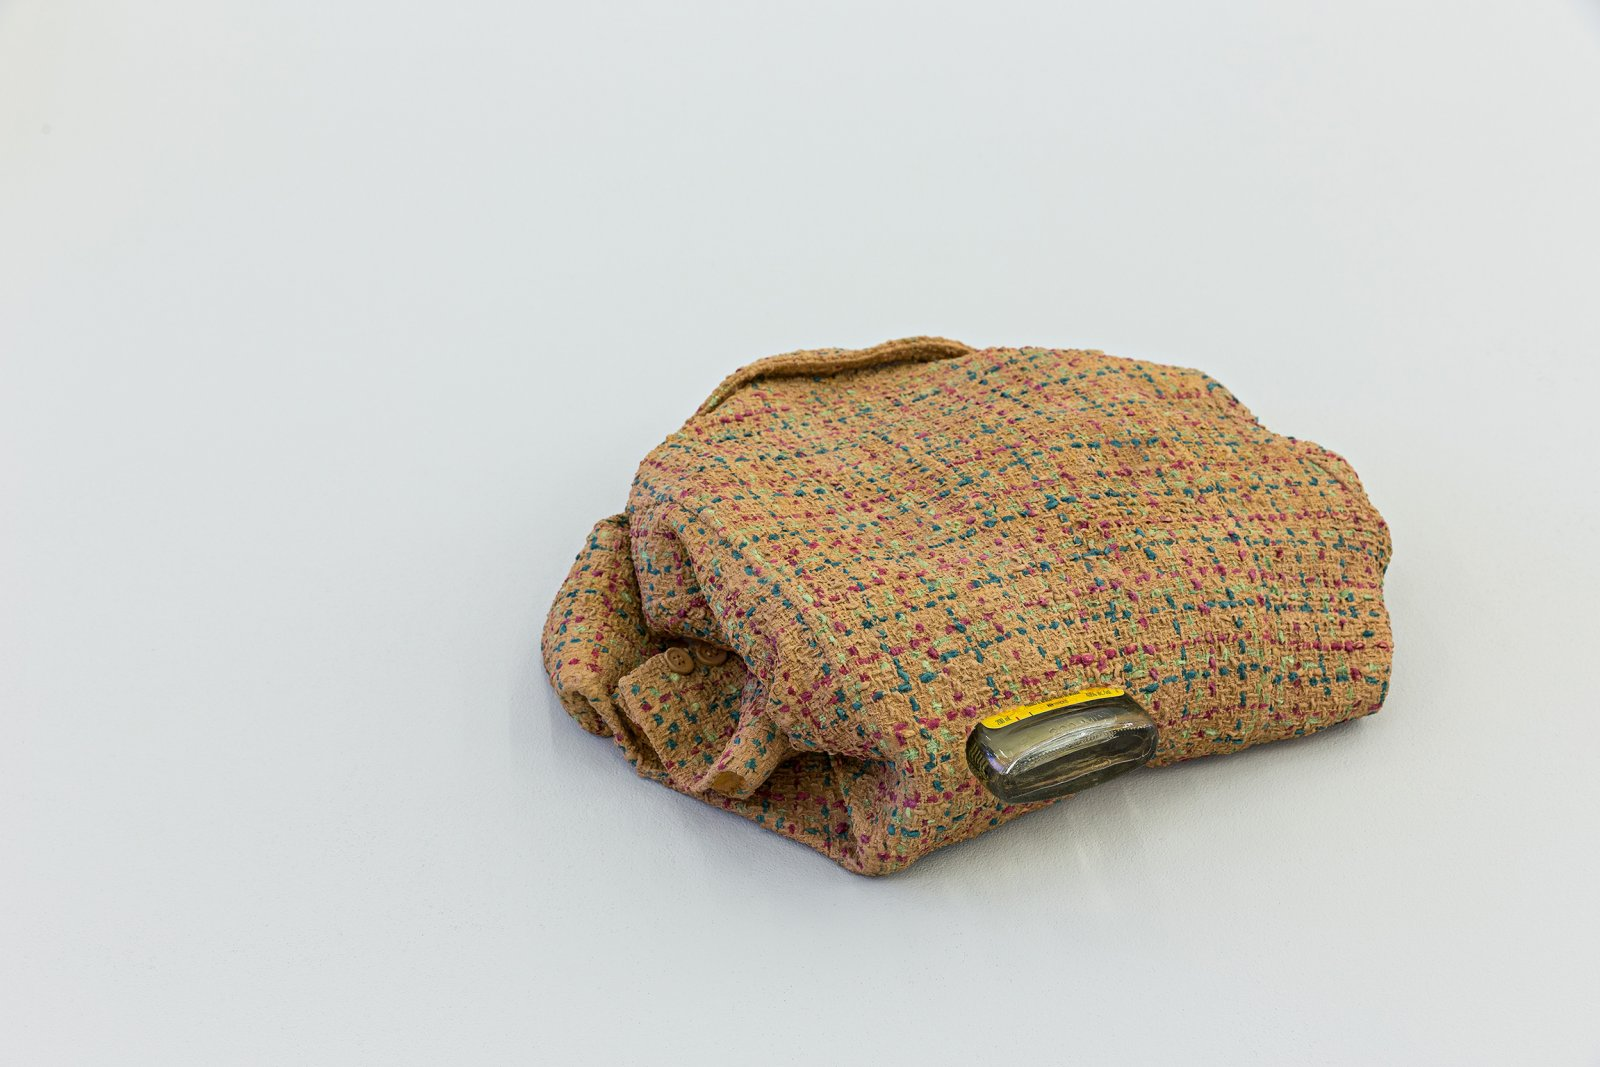 Liz Magor, Tweed (kidney), 2008, polymerized gypsum, found object, 6 x 18 x 17 in. (15 x 46 x 43 cm) by Liz Magor